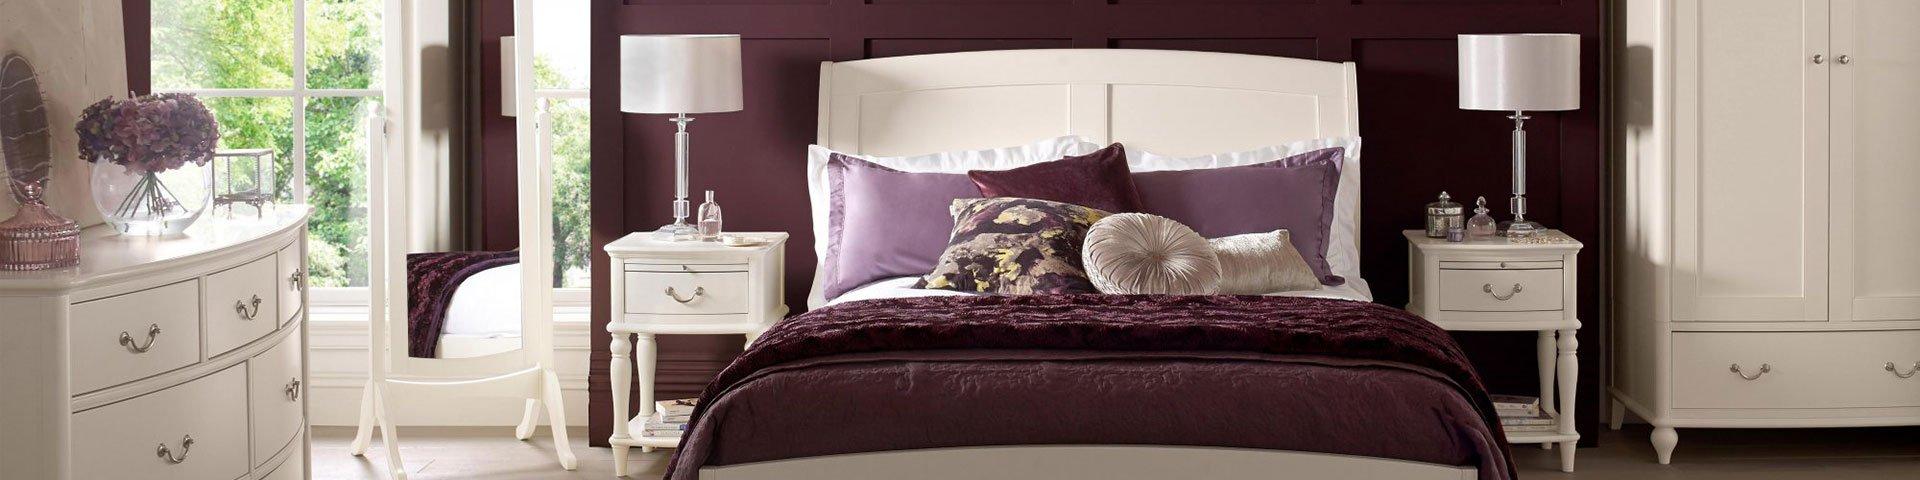 Bedroom Furniture at Abode